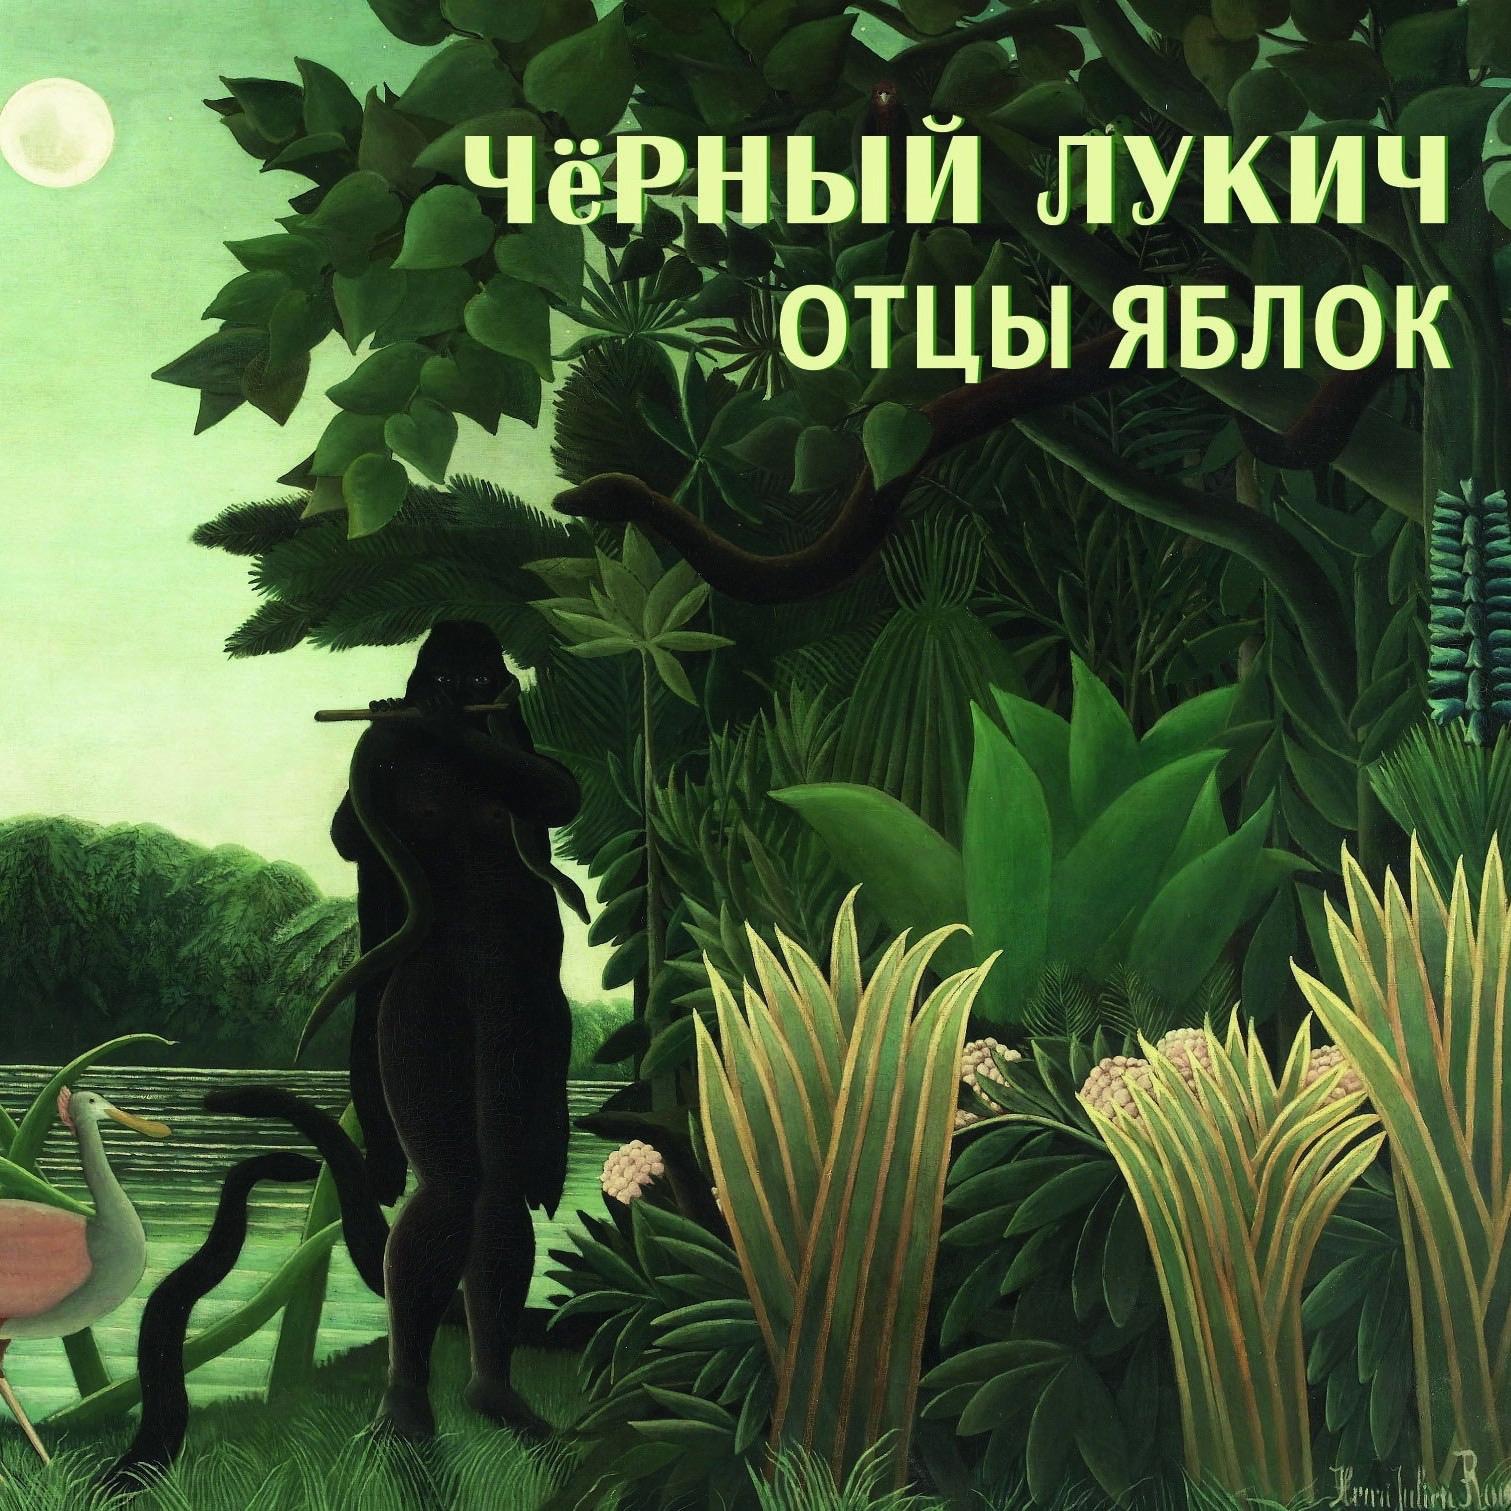 Чёрный Лукич